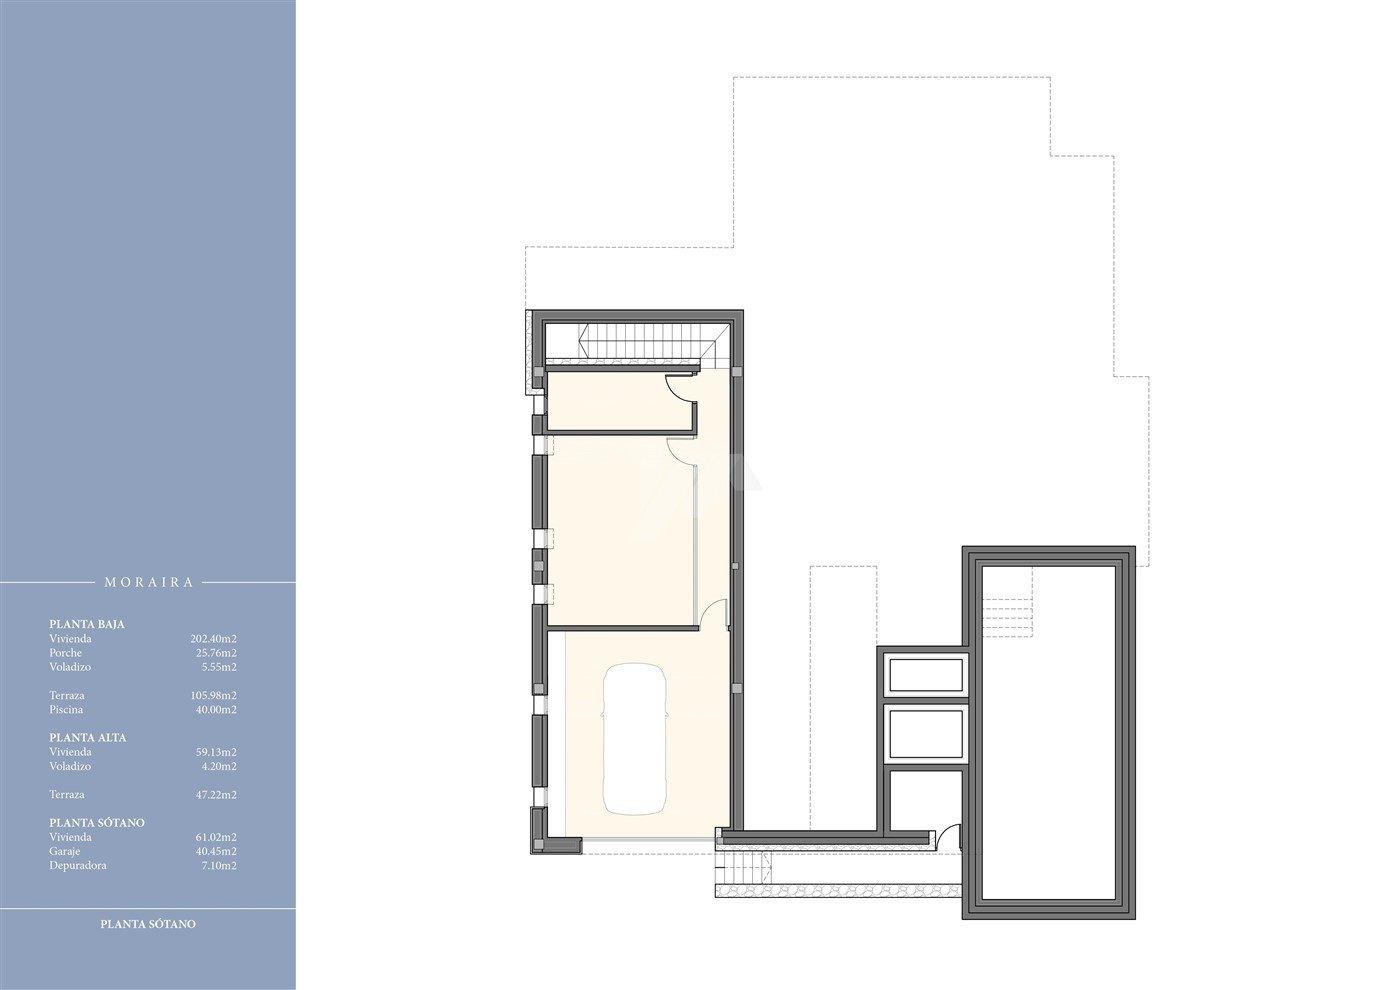 Luxury new build villa for sale in Moraira, Costa Blanca.